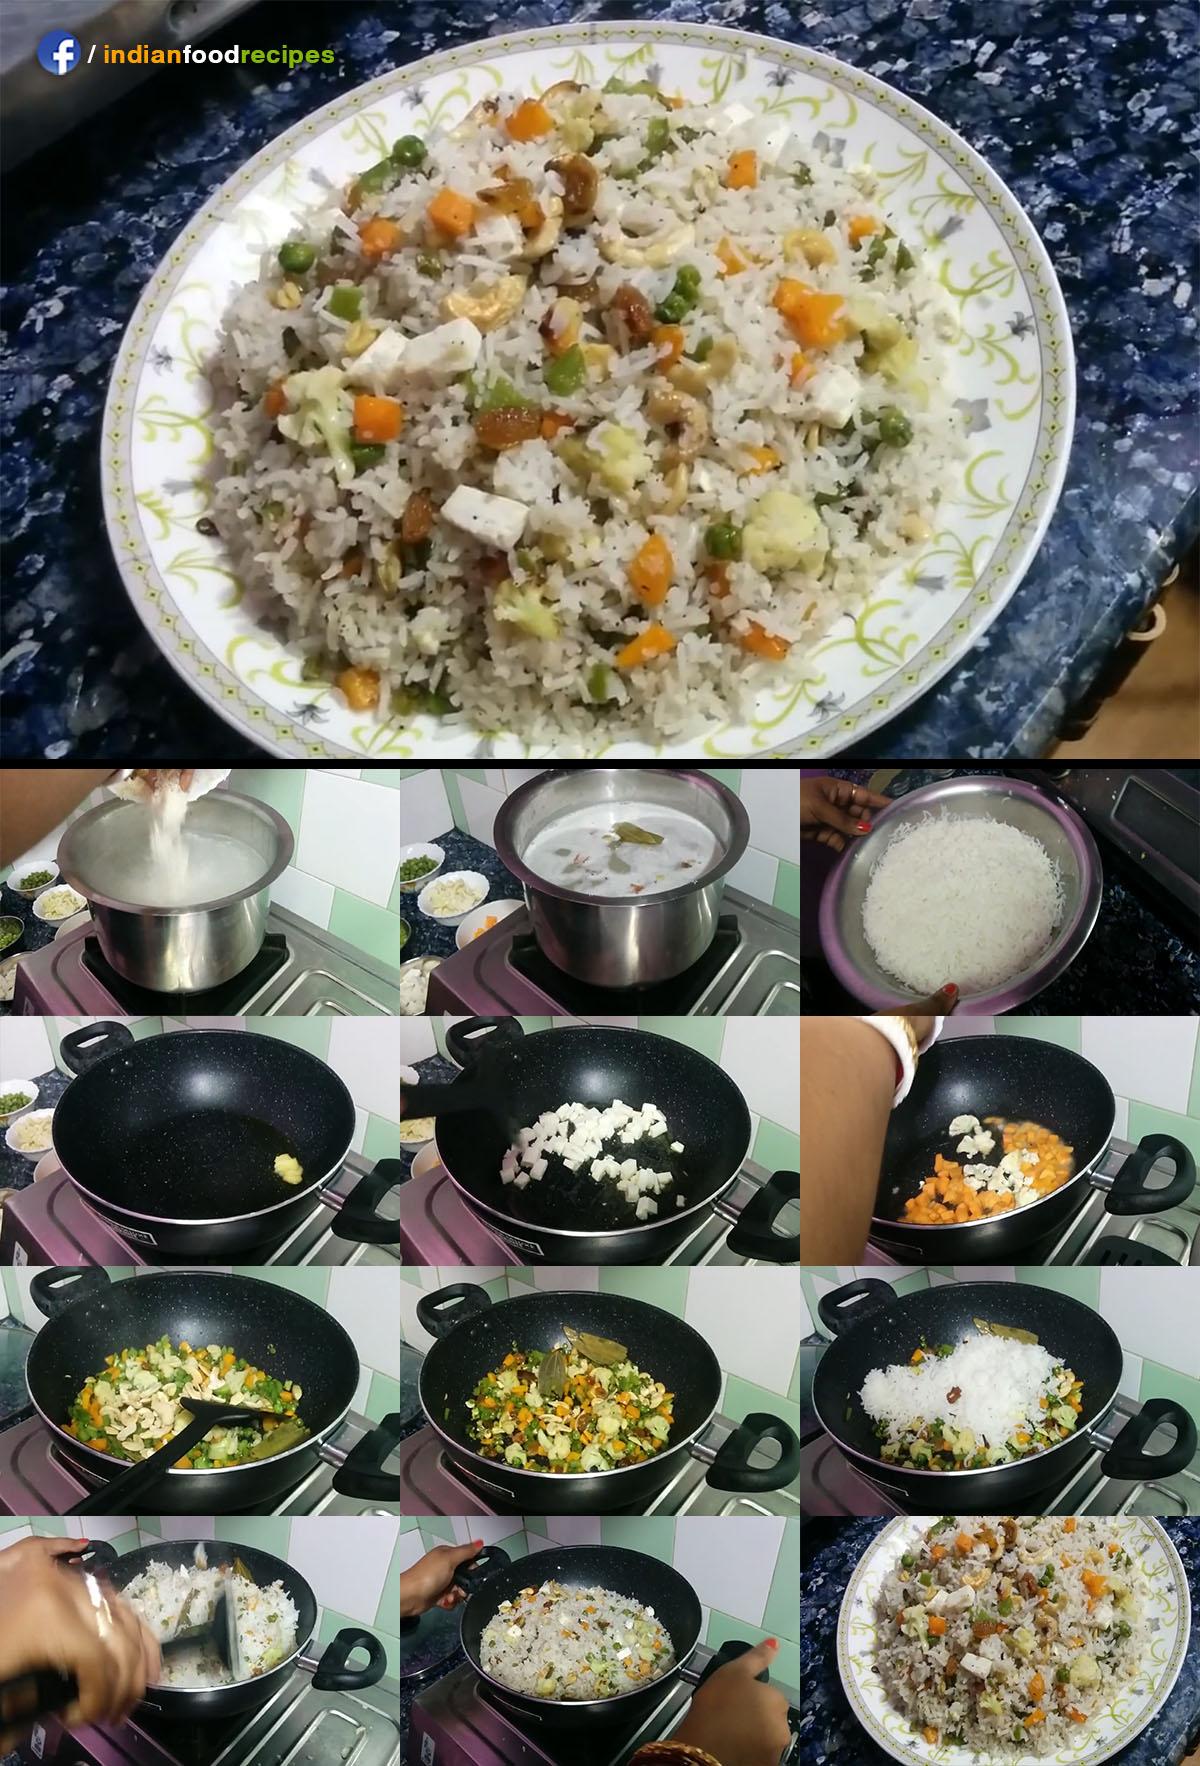 Vegetable Paneer Fried Rice recipe step by step